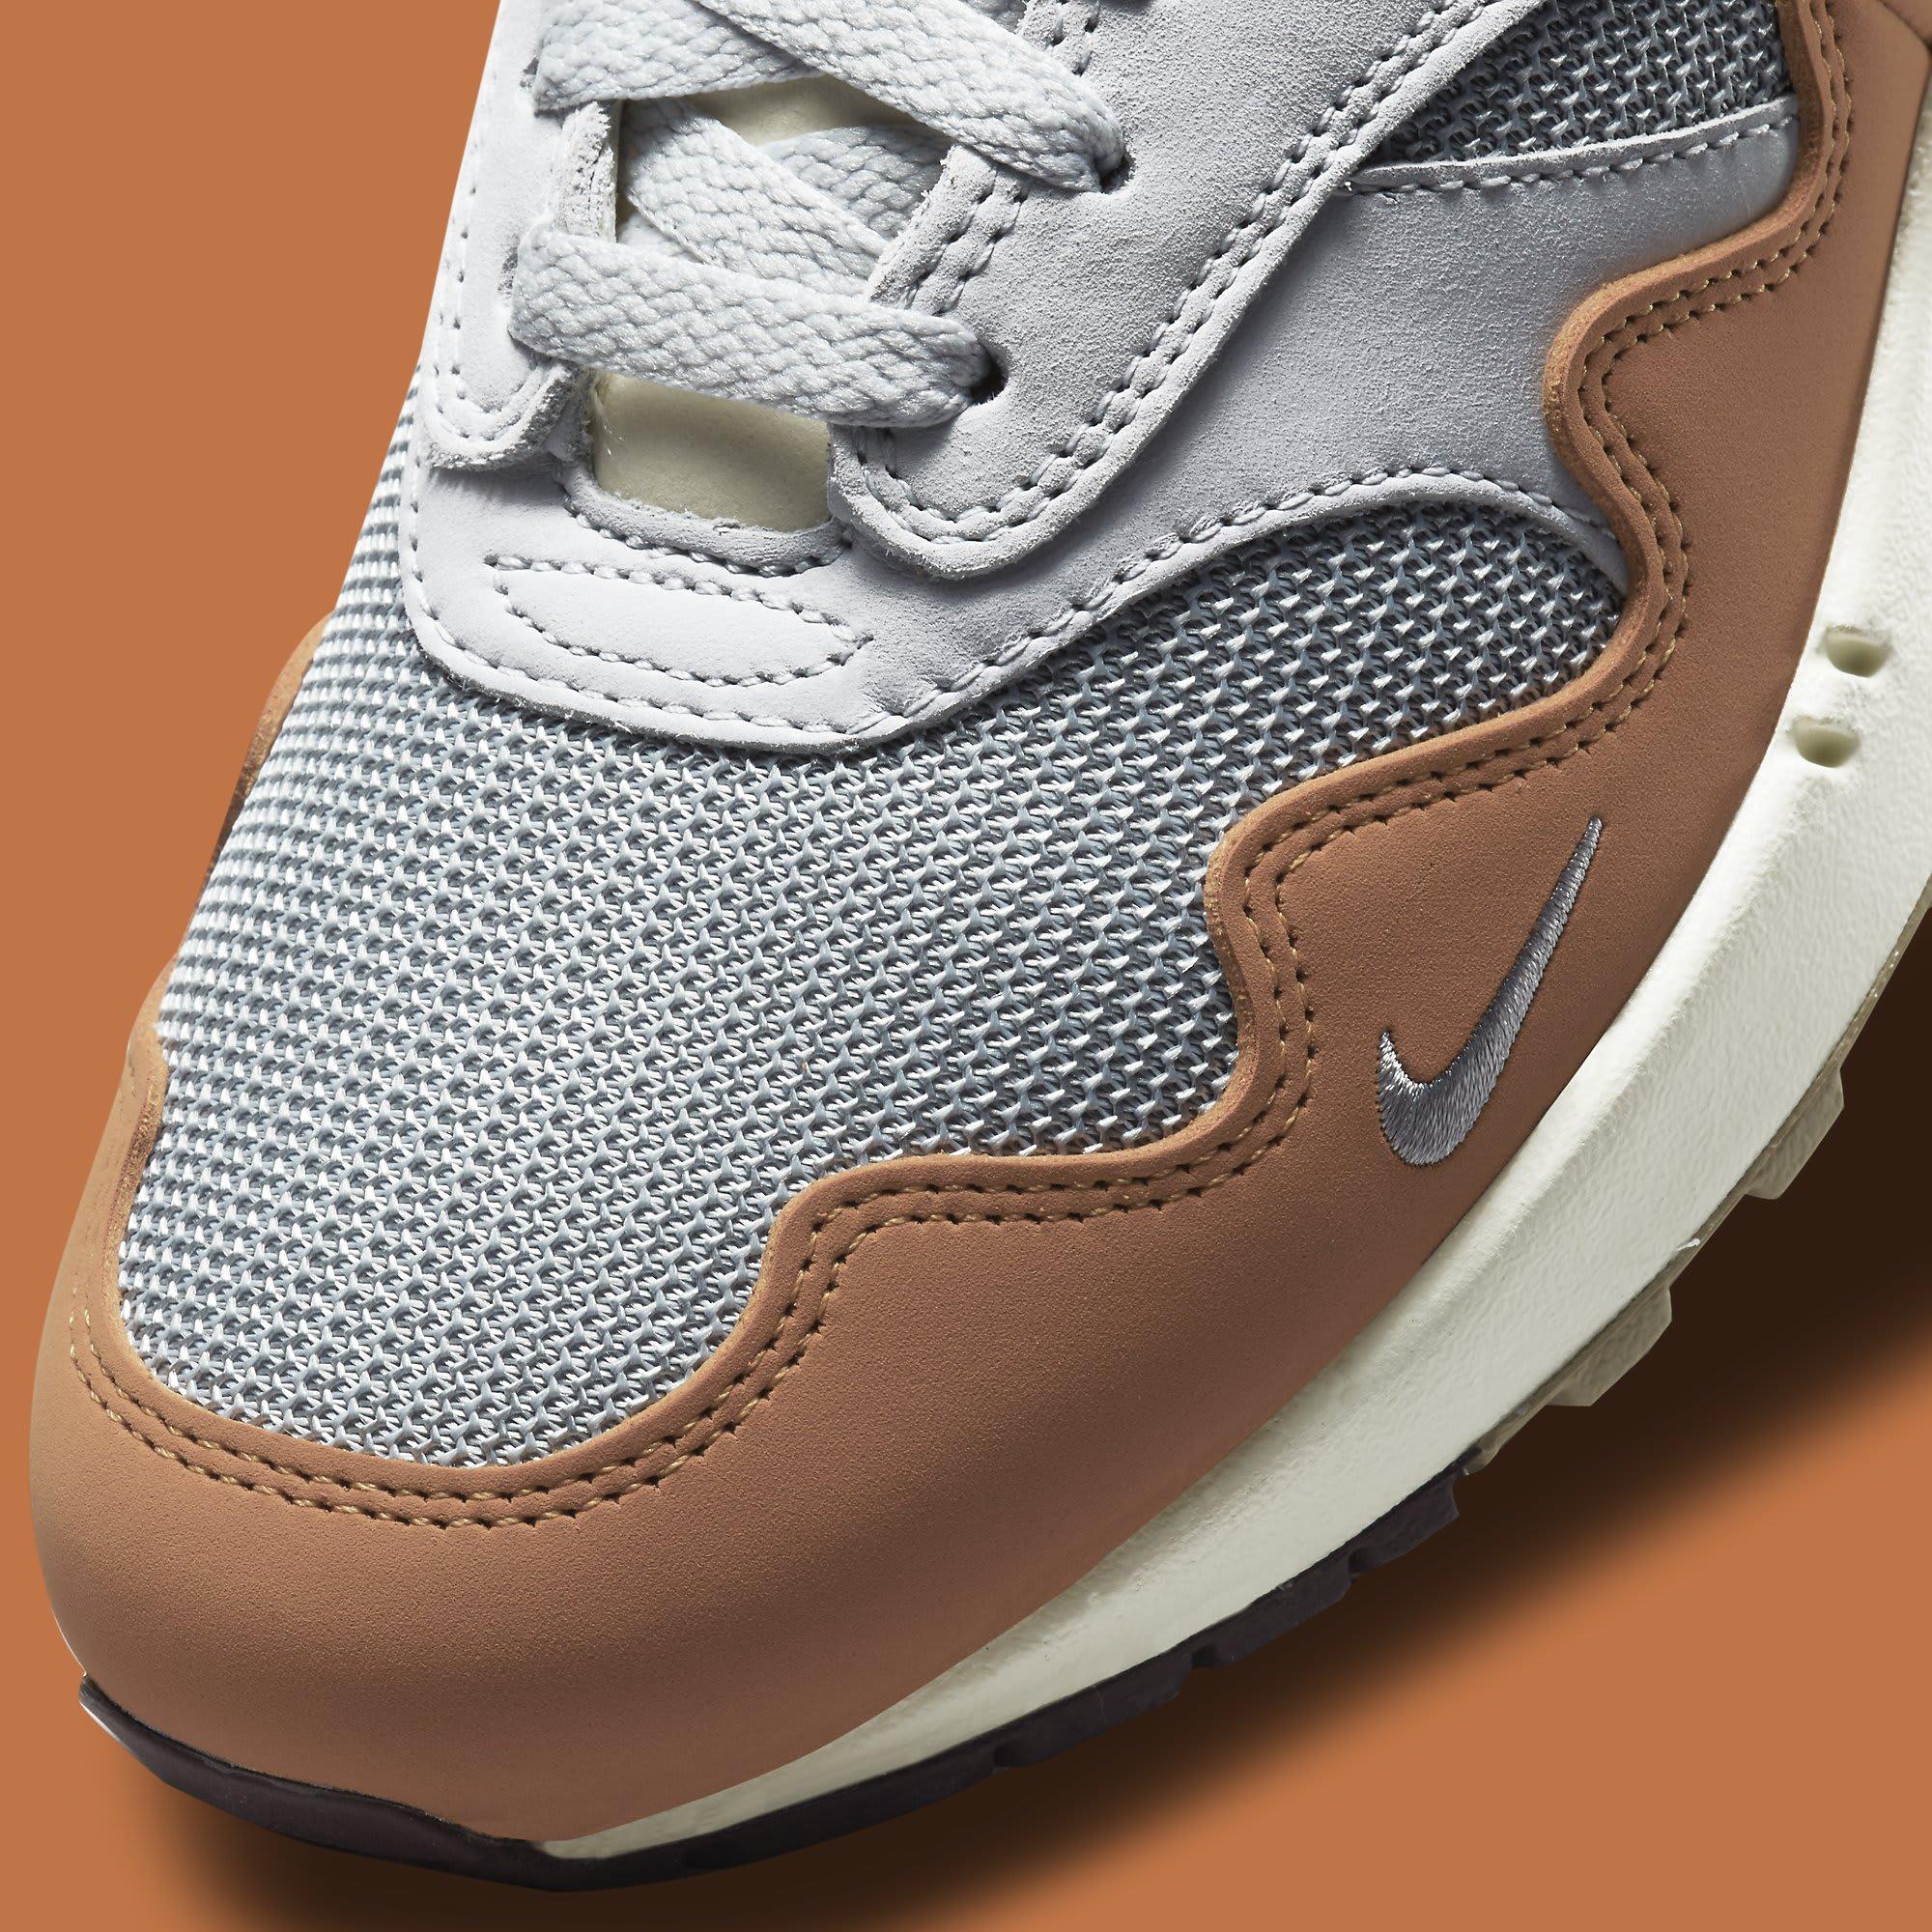 Patta x Nike Air Max 1 'Monarch' DH1348-001 Toe